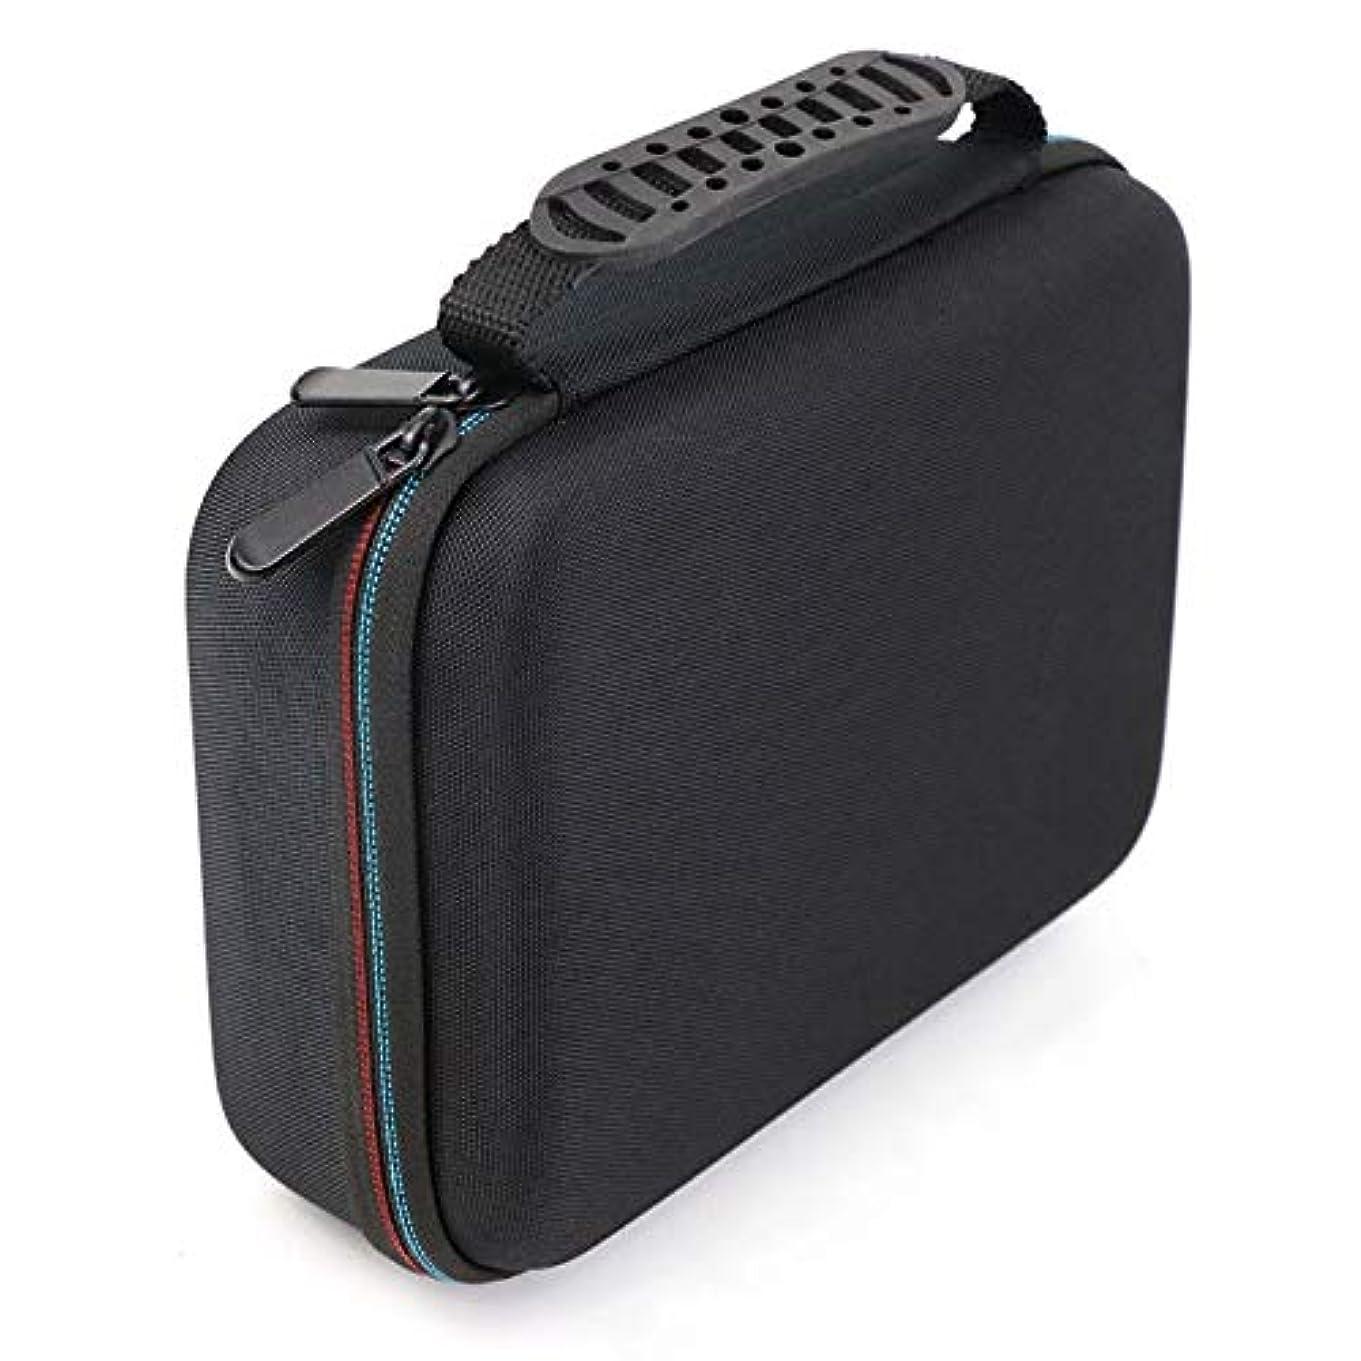 納得させる電話をかけるモードGaoominy バリカンの収納ケース、携帯用ケース、耐衝撃バッグ、シェーバーのキット、Evaハードケース、収納バッグ、 Mgk3020/3060/3080用